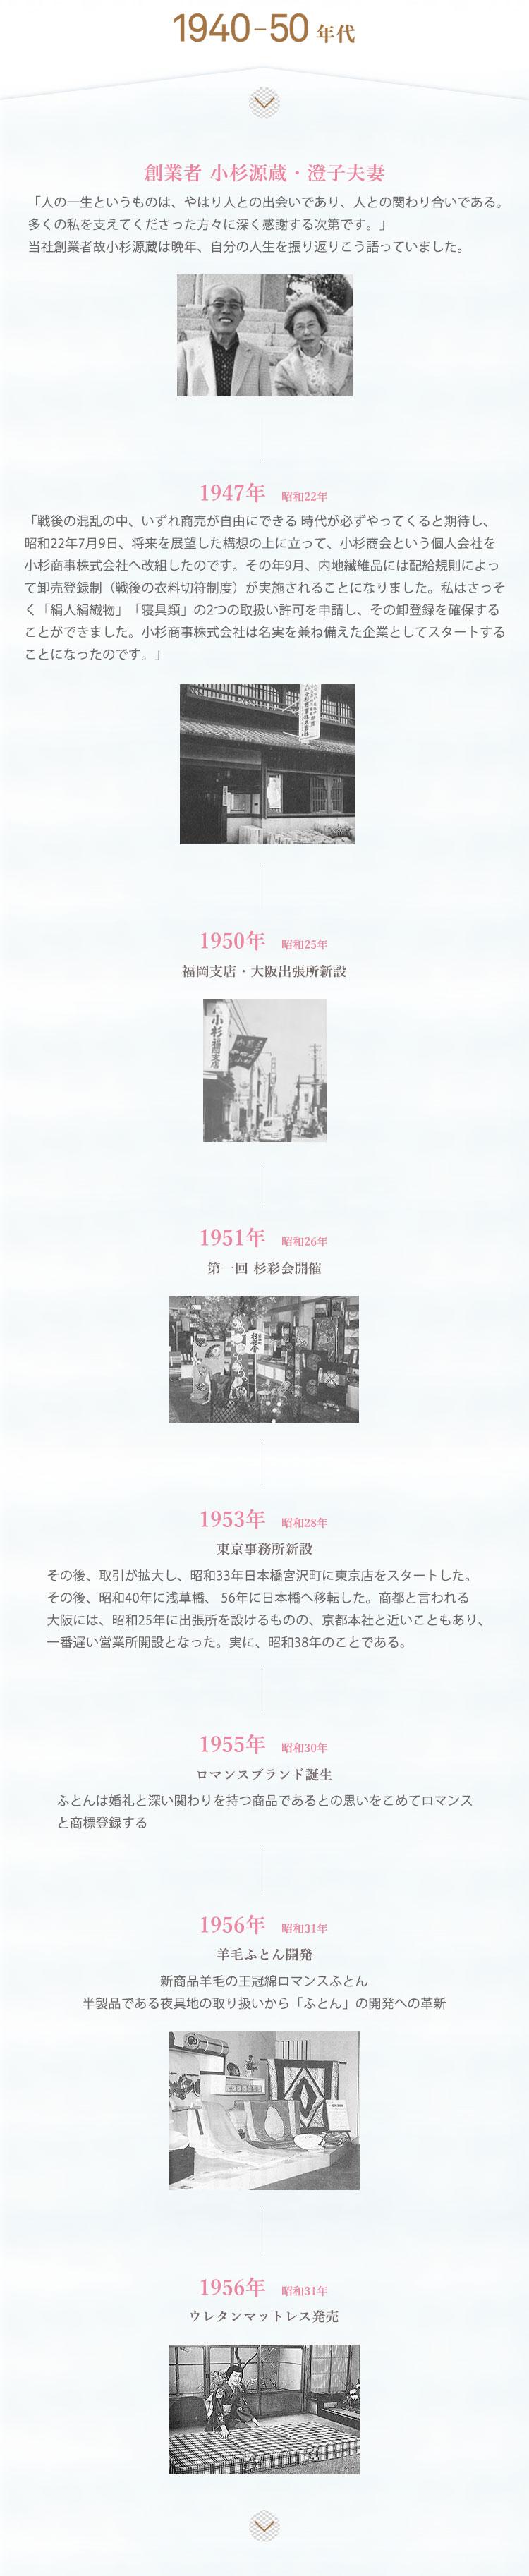 1940-50年代